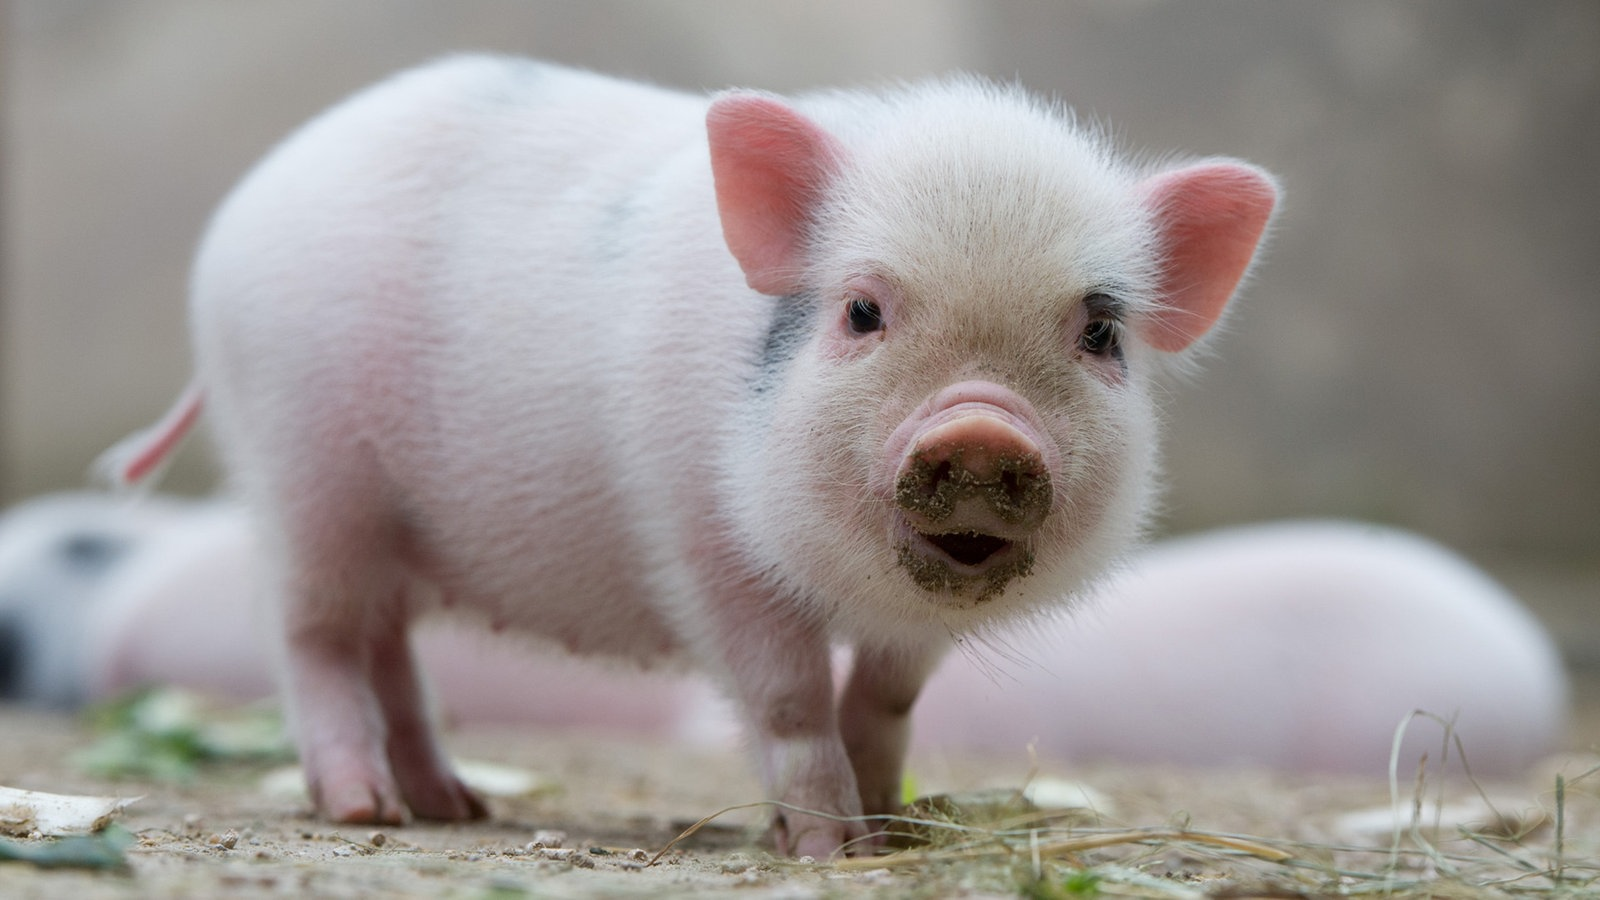 schweine minischweine als haustiere schweine. Black Bedroom Furniture Sets. Home Design Ideas